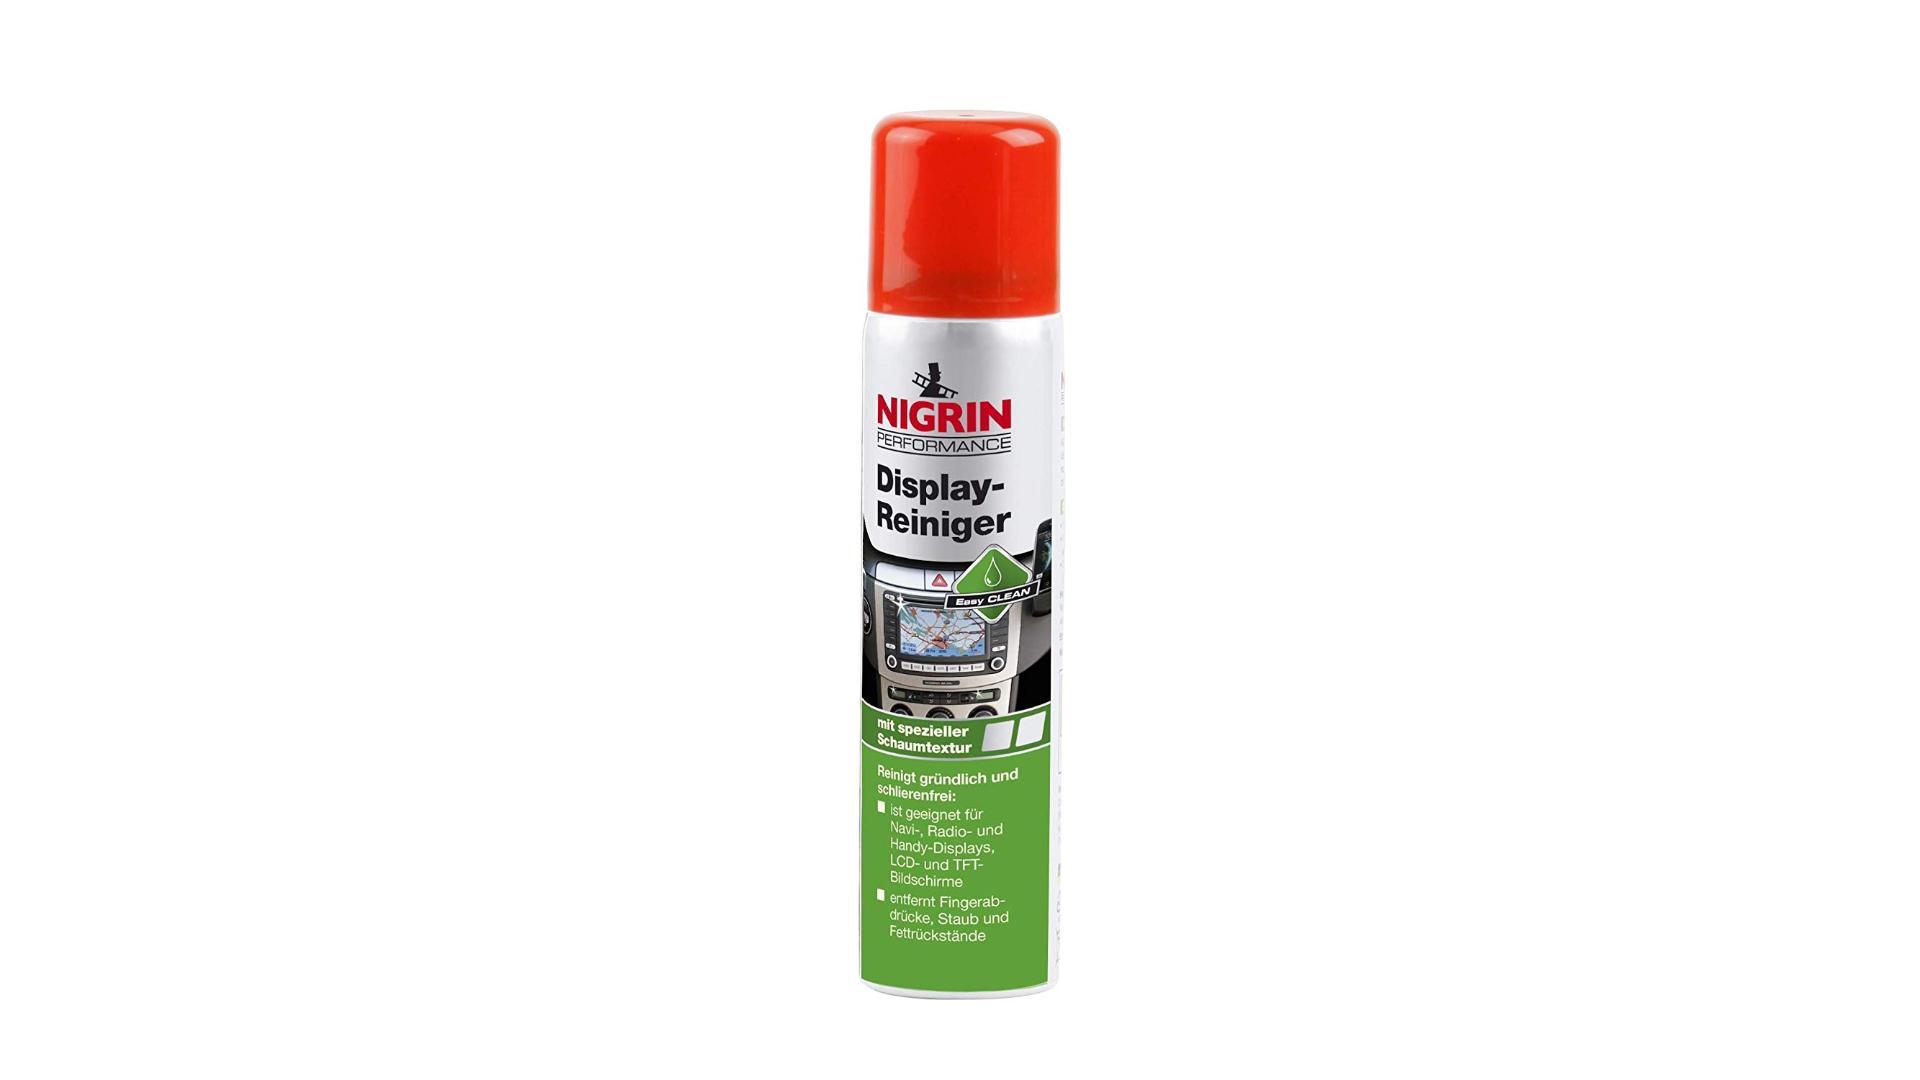 Nigrin Přípravek na čištění displejů palubní desky 75ml